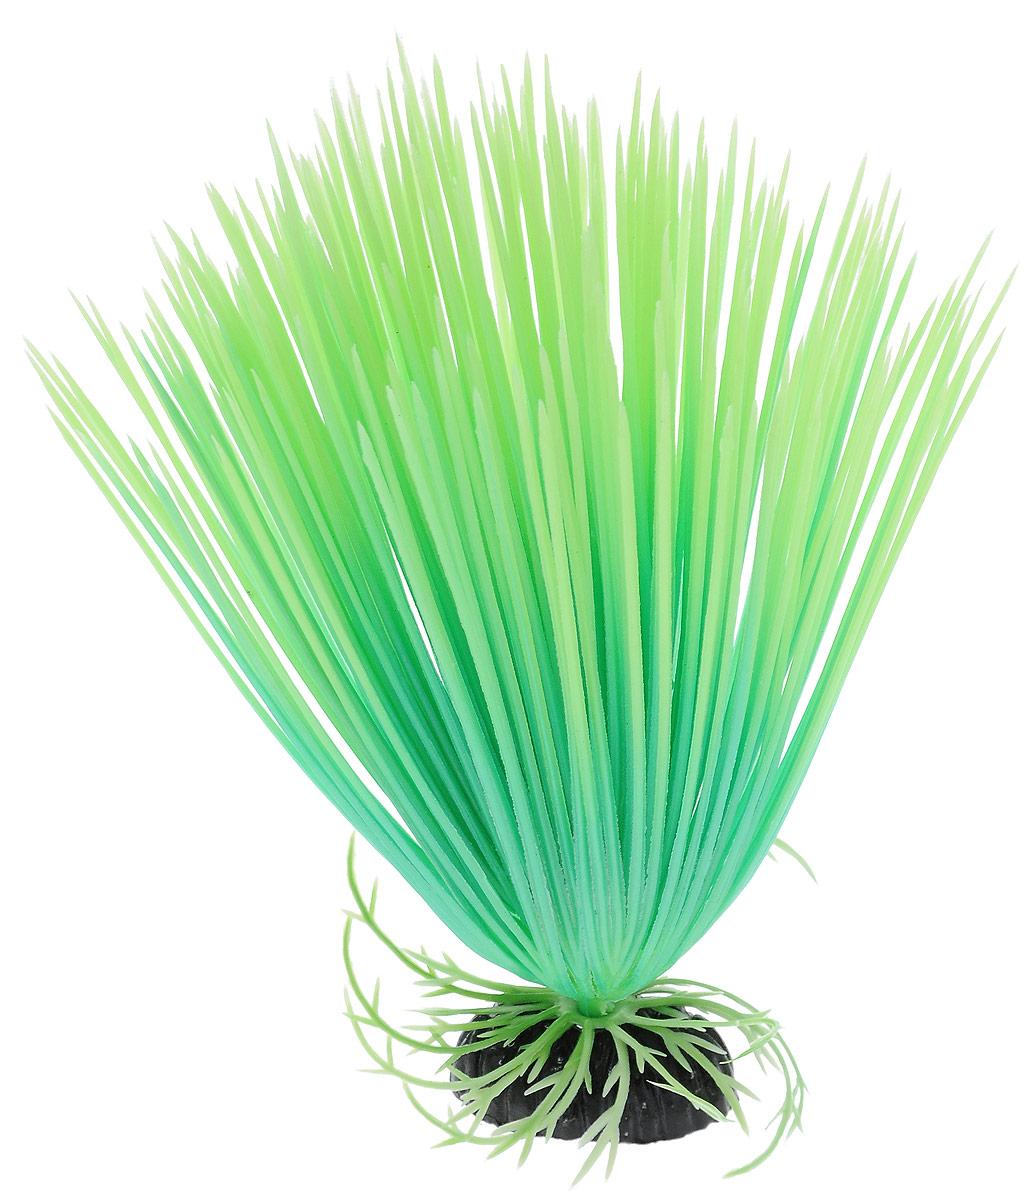 Растение для аквариума Barbus Акорус, пластиковое, светящееся, высота 20 смPlant 056 DARK/20Растение Barbus Акорус выполнено из высококачественного нетоксичного пластика. Оно светится в темноте и станет оригинальным и необычным украшением вашего аквариума. Изделие не требует дополнительного ухода Оно абсолютно безопасно, нейтрально к водному балансу, устойчиво к истиранию краски, подходит как для пресноводного, так и для морского аквариума. Растение для аквариума Barbus поможет вам смоделировать потрясающий пейзаж на дне вашего аквариума или террариума. Высота растения: 20 см.